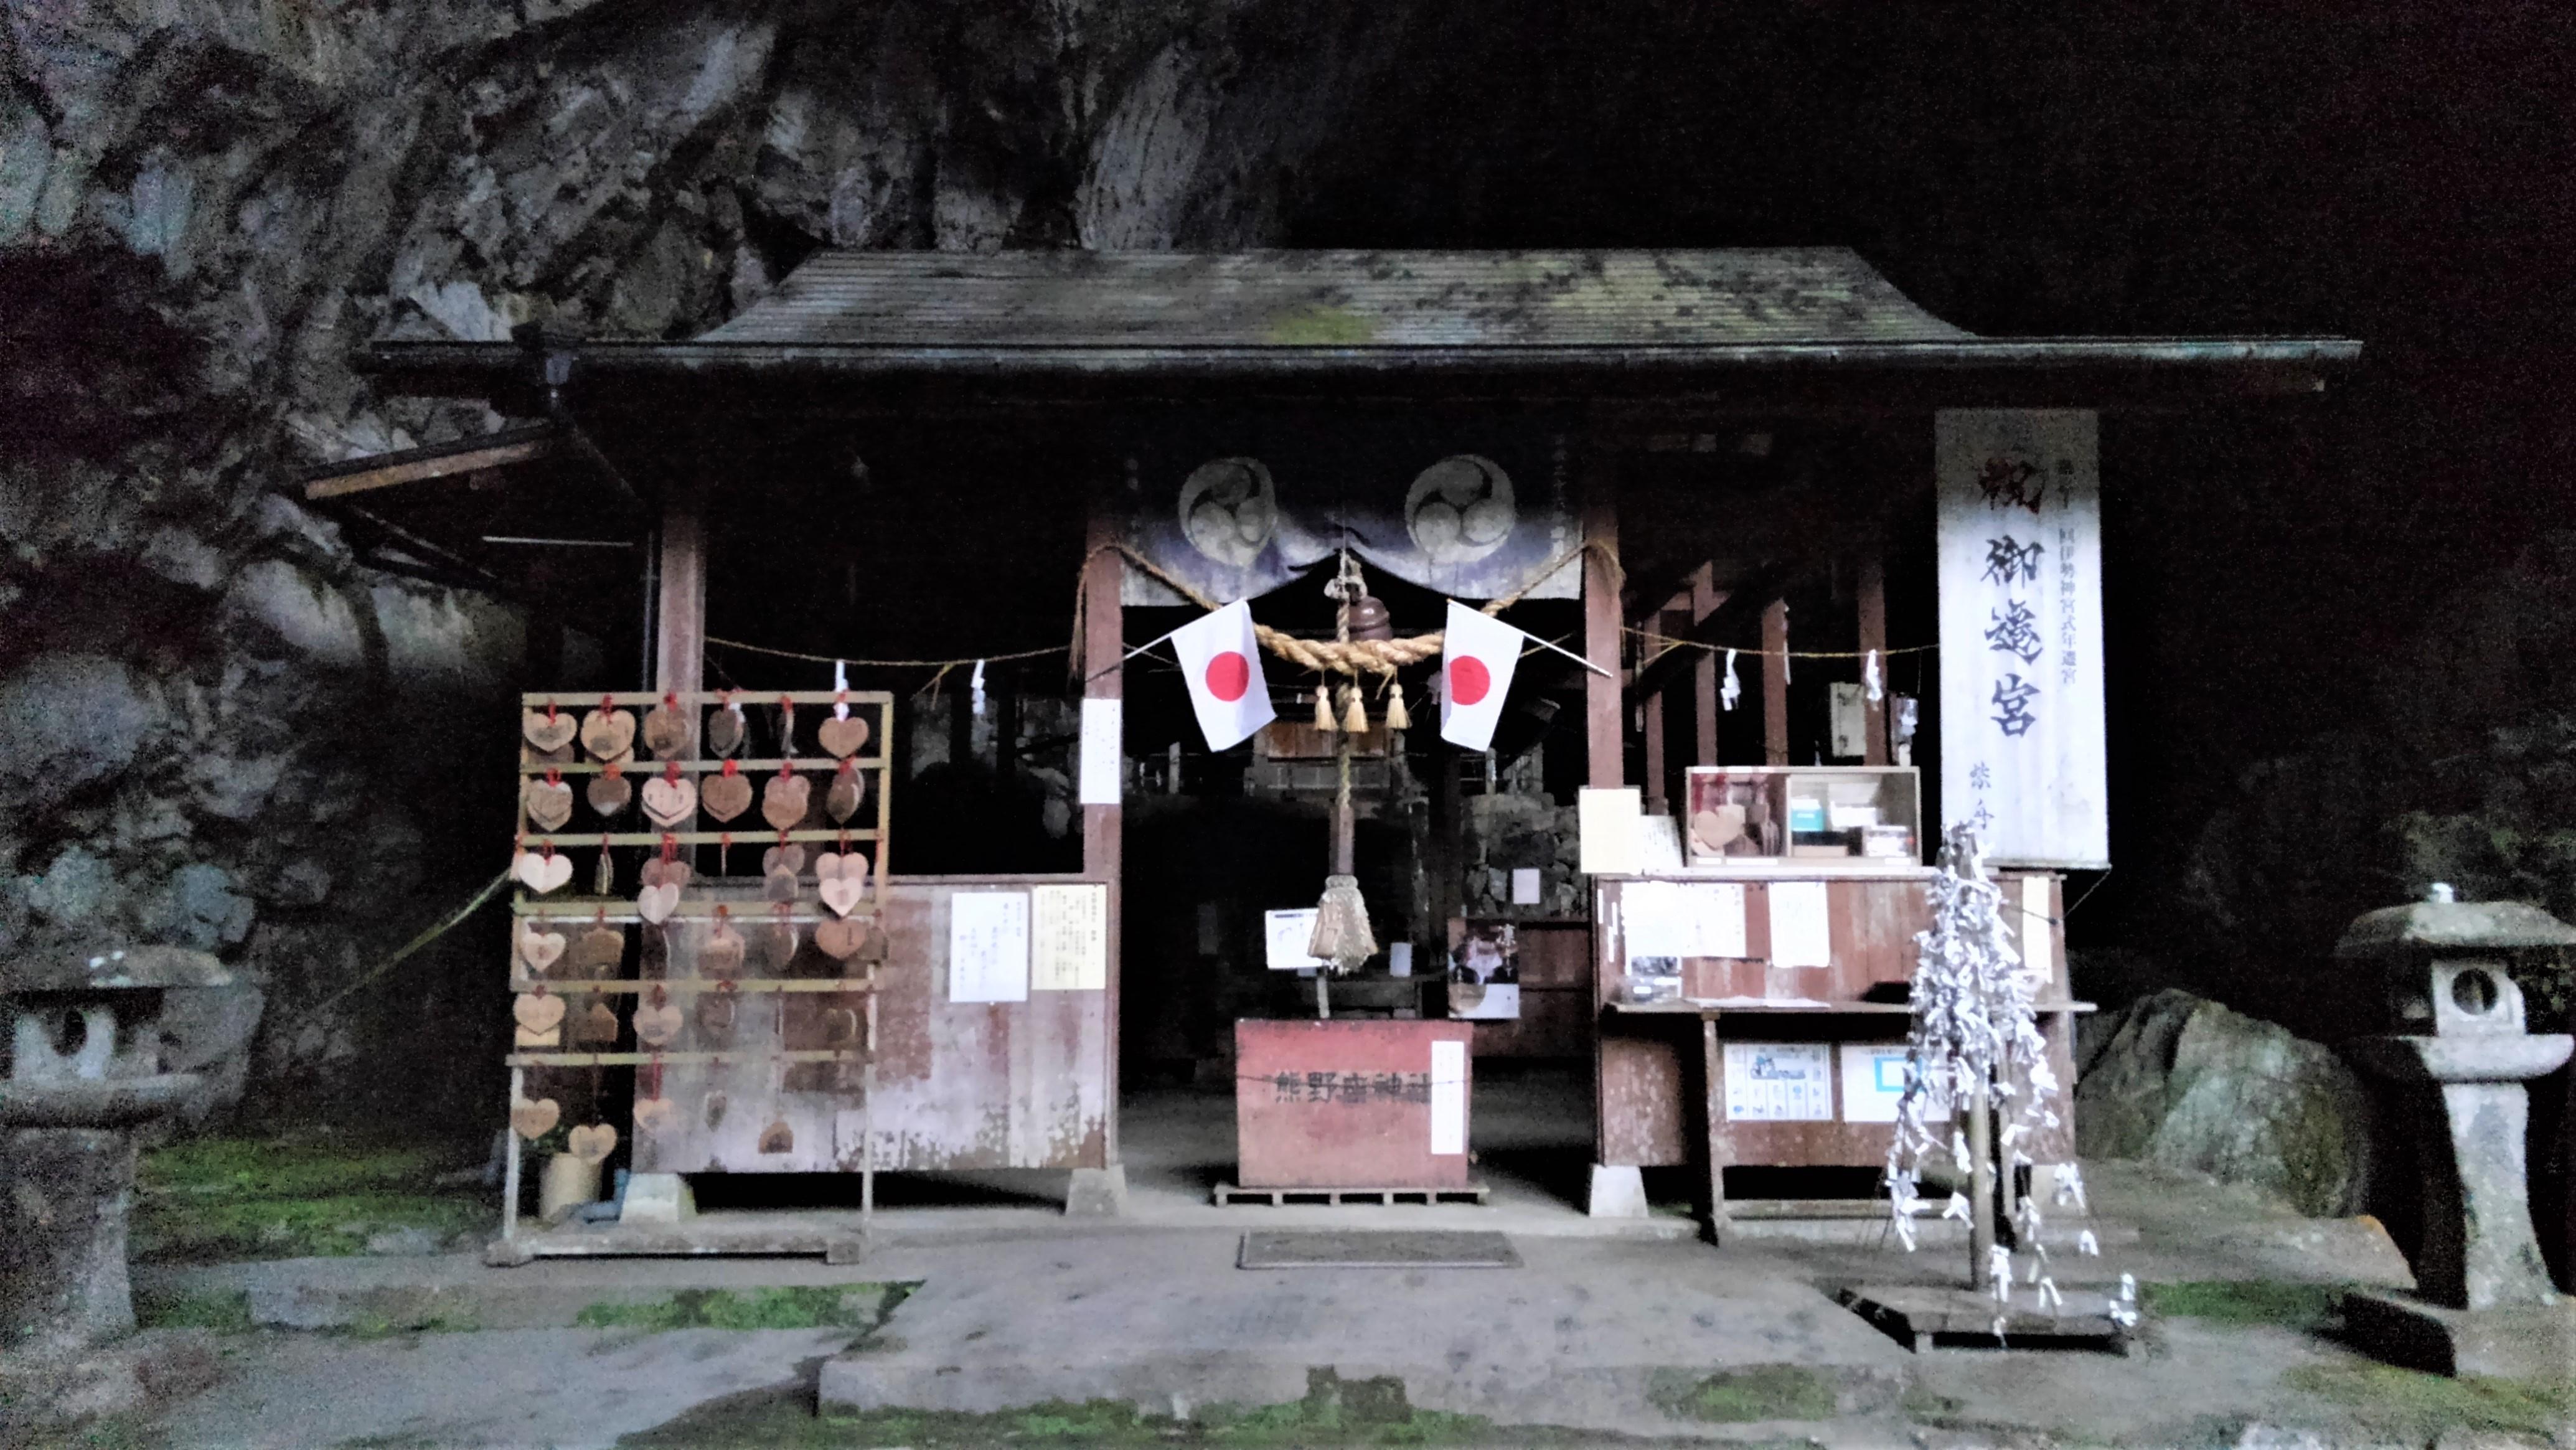 神瀬鍾乳洞 熊野座神社 本殿